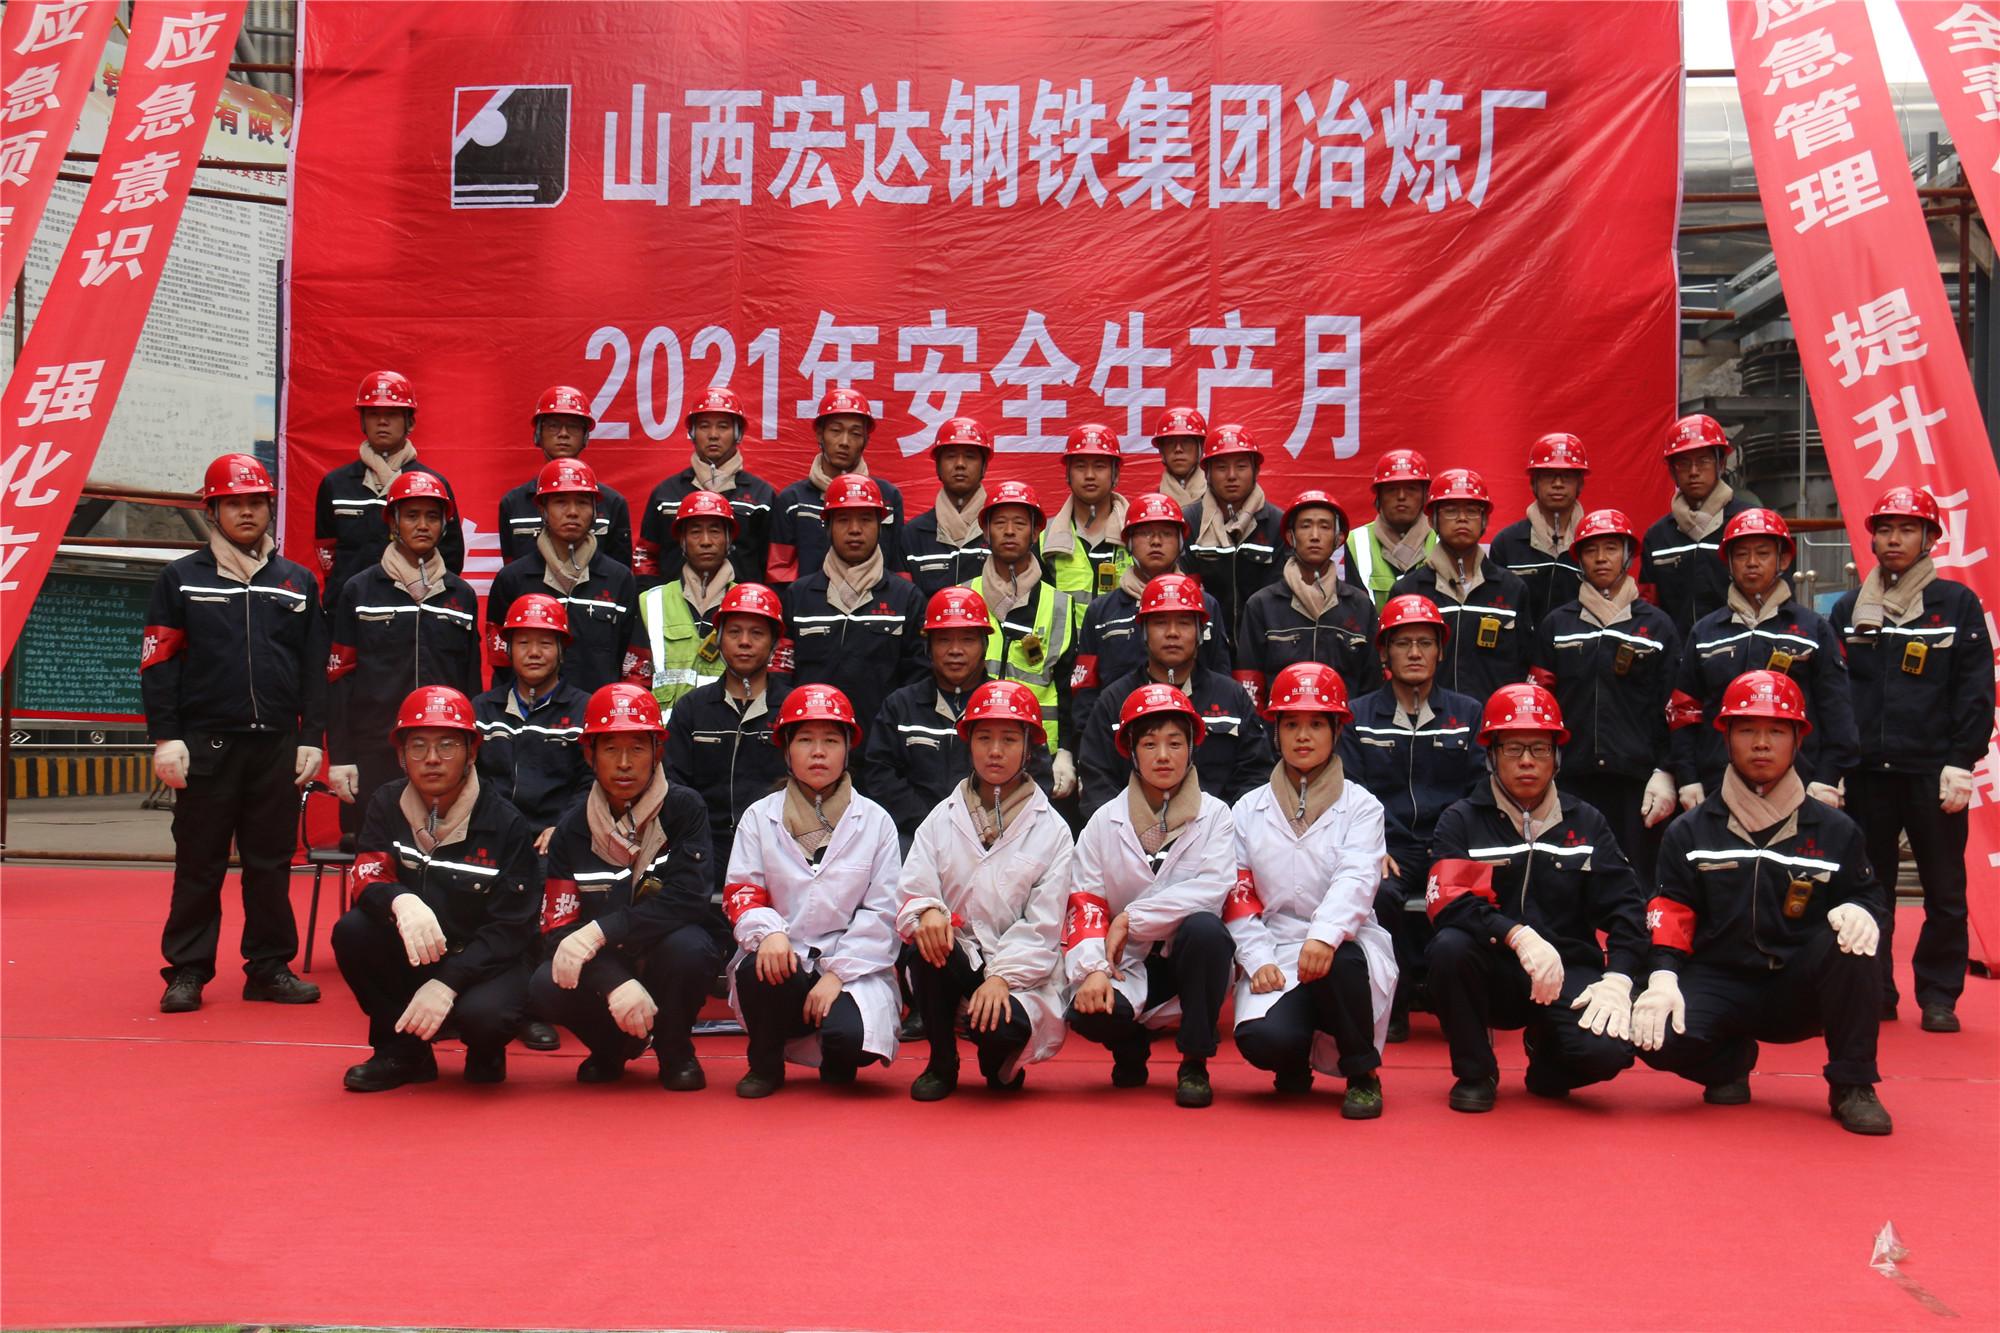 山西宏达钢铁集团冶炼厂 应急演练有特色